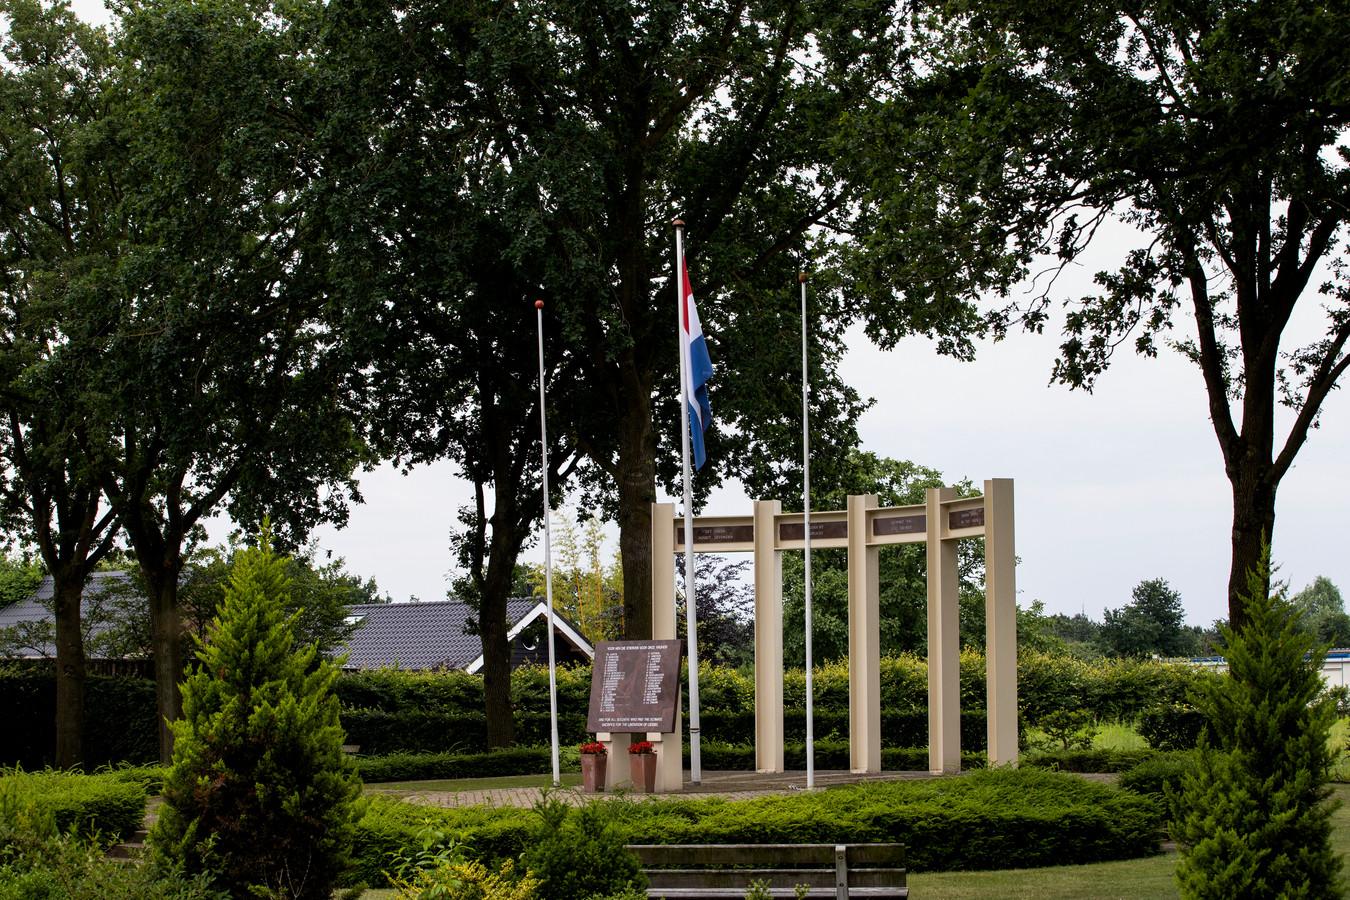 De vlaggen van Engeland en Duitsland zijn verdwenen bij het oorlogsmonument van Liessel, waar de Nederlandse nu alleen nog wappert.